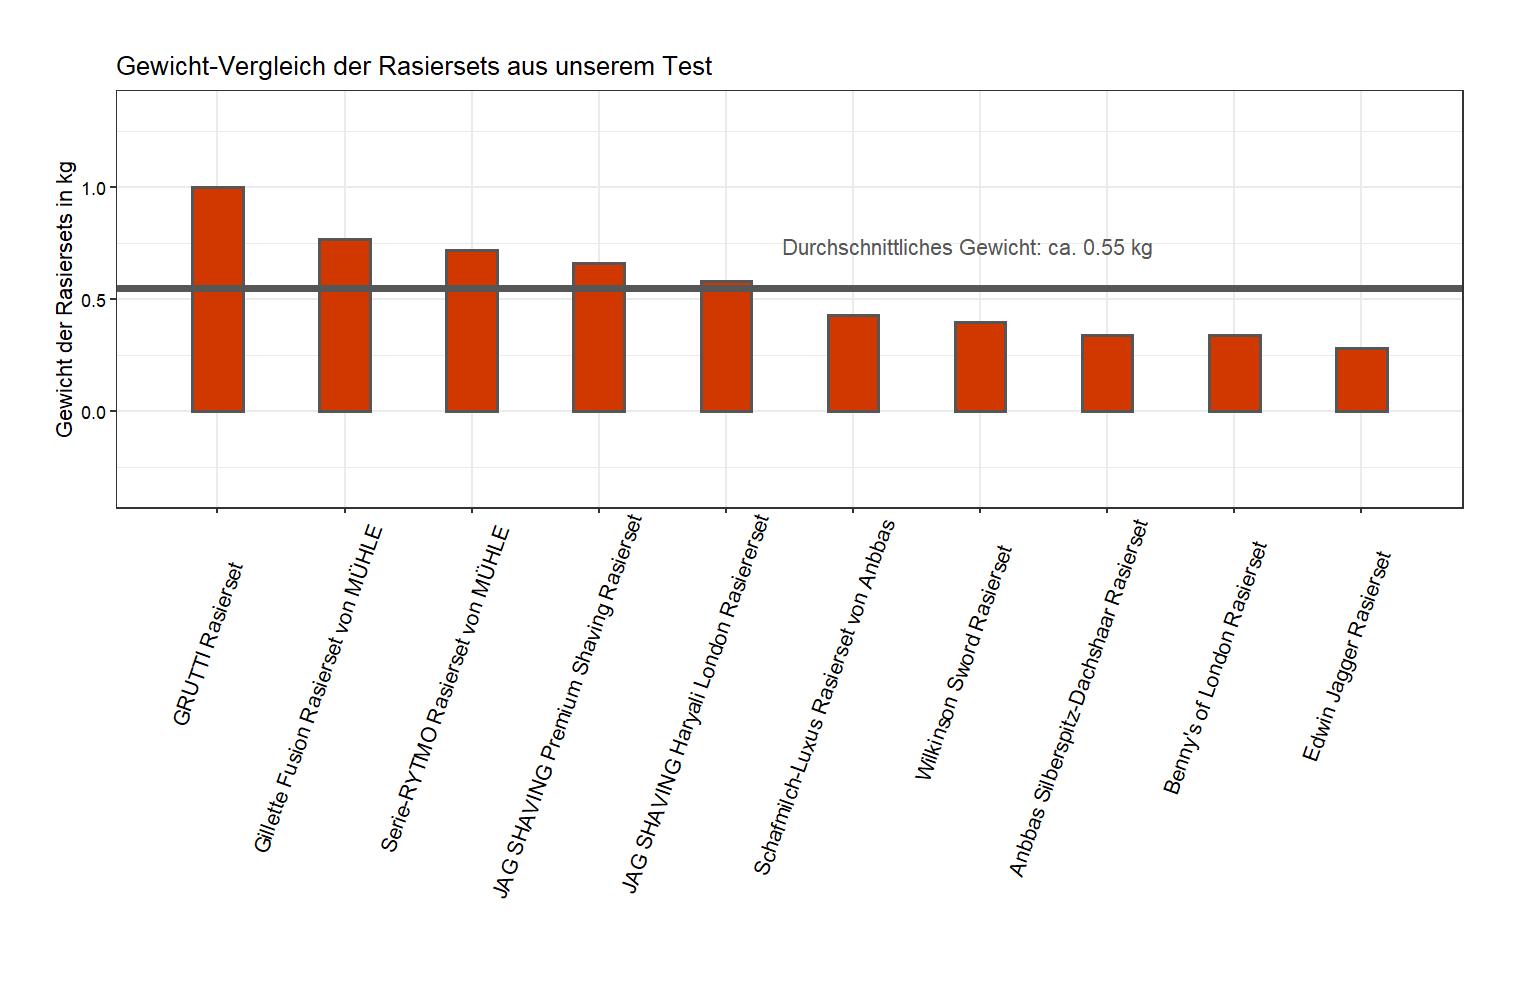 umfassender Produktgewicht-Vergleich Rasierset Gewicht